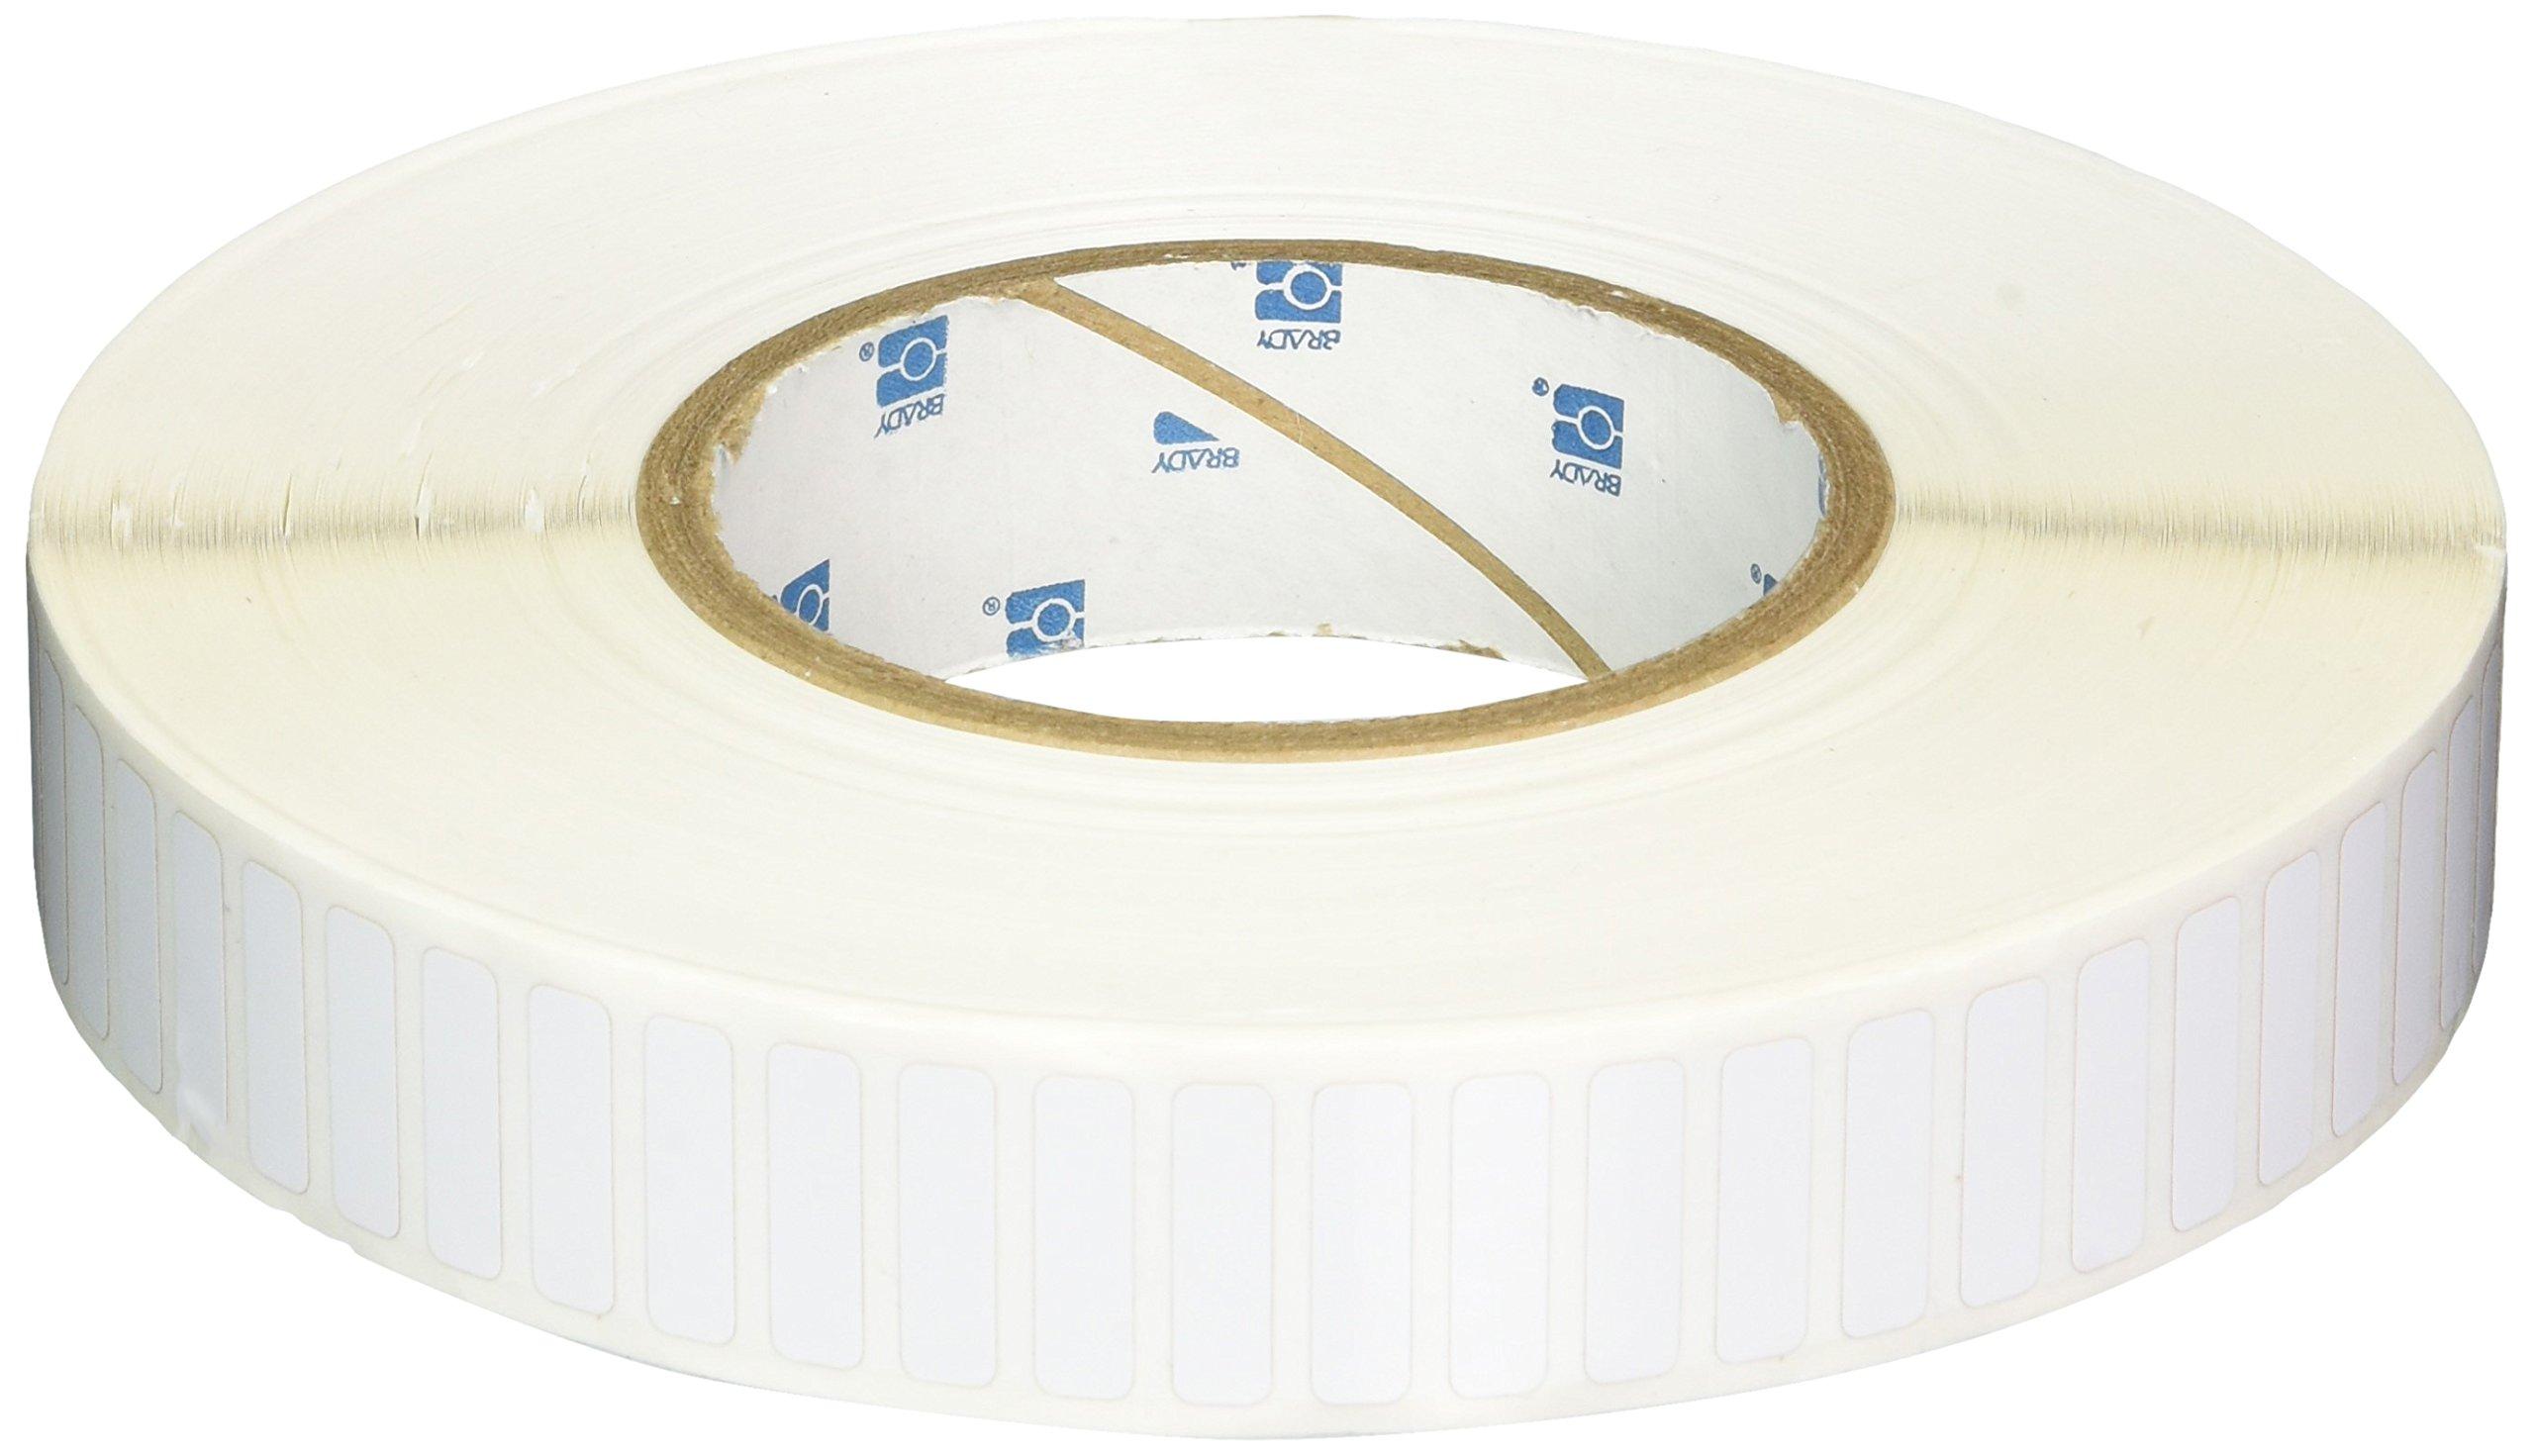 Brady THT-49-727-10 Thermal Transfer Printer Label, White